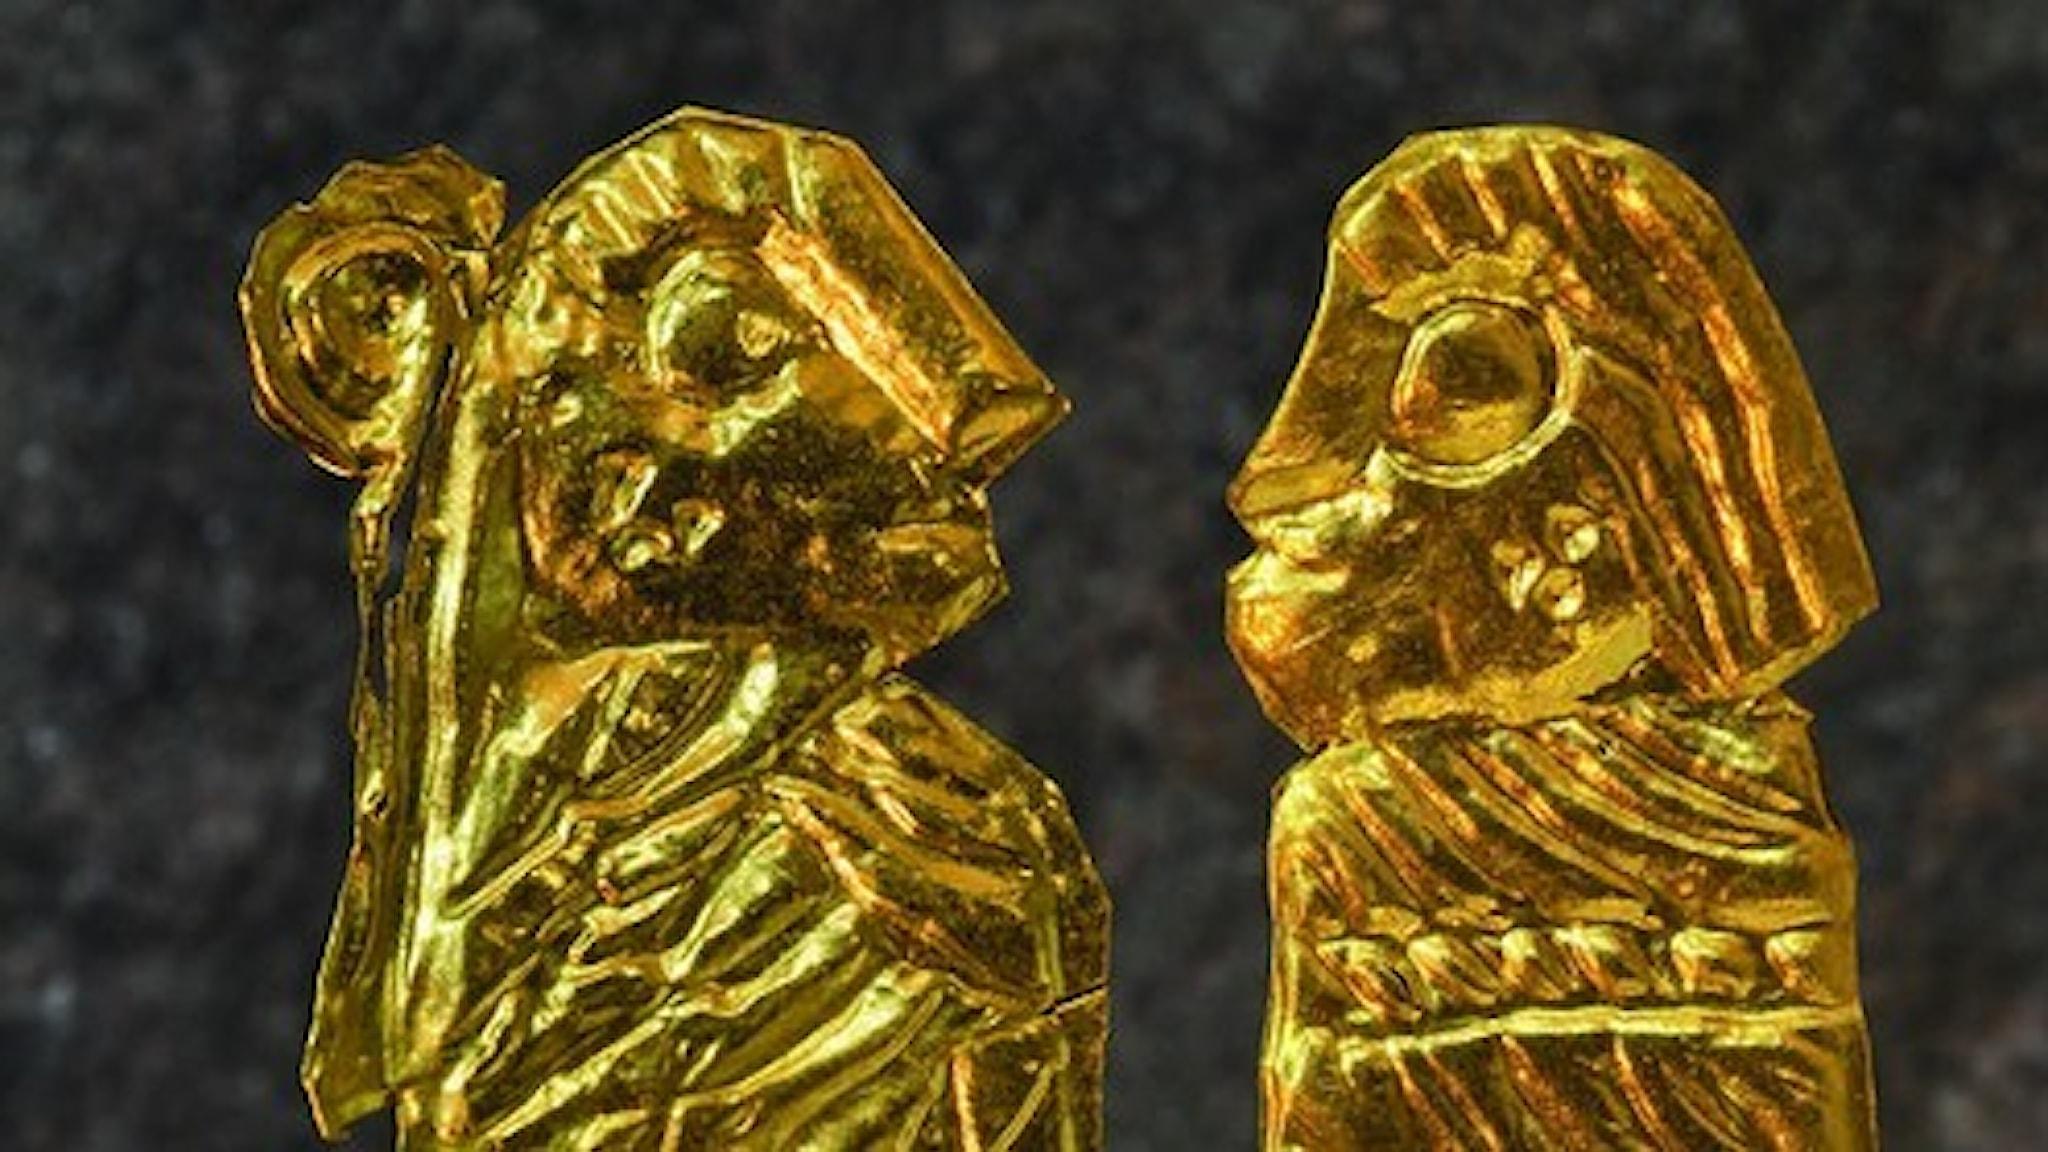 Två av Västra Vångs många guldgubbar och gummor.